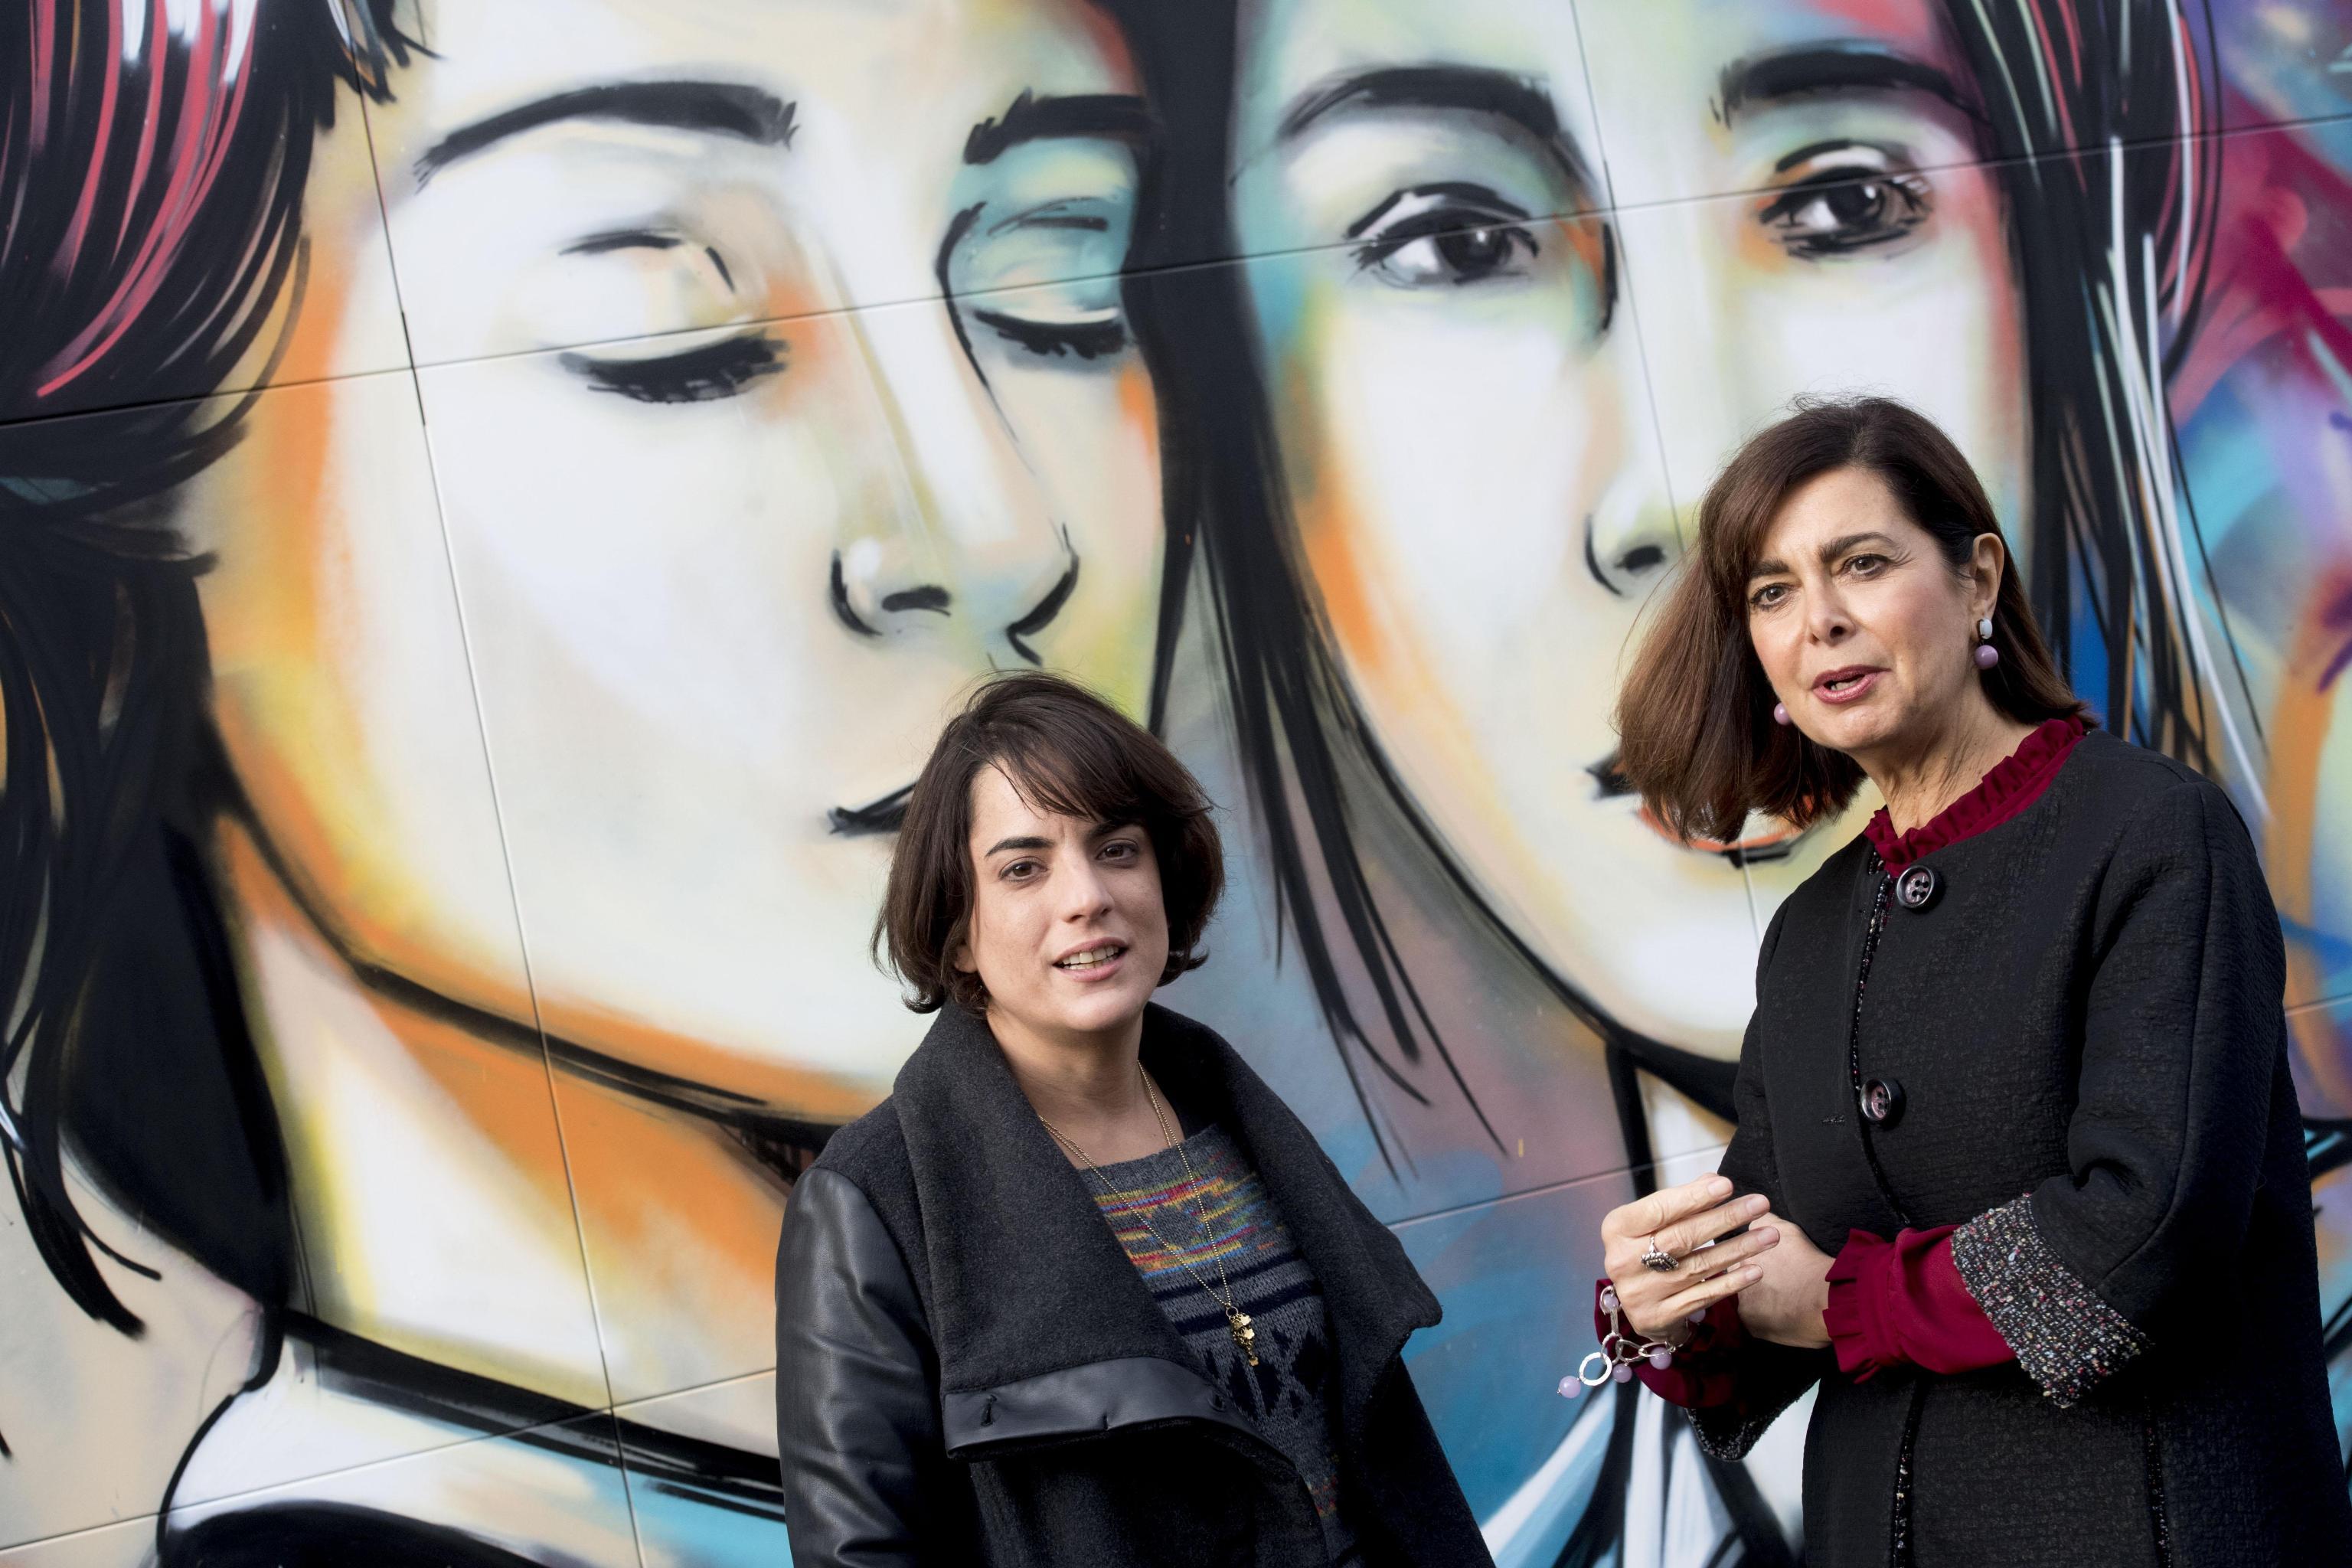 Instagramm celebra gentilezza con murale